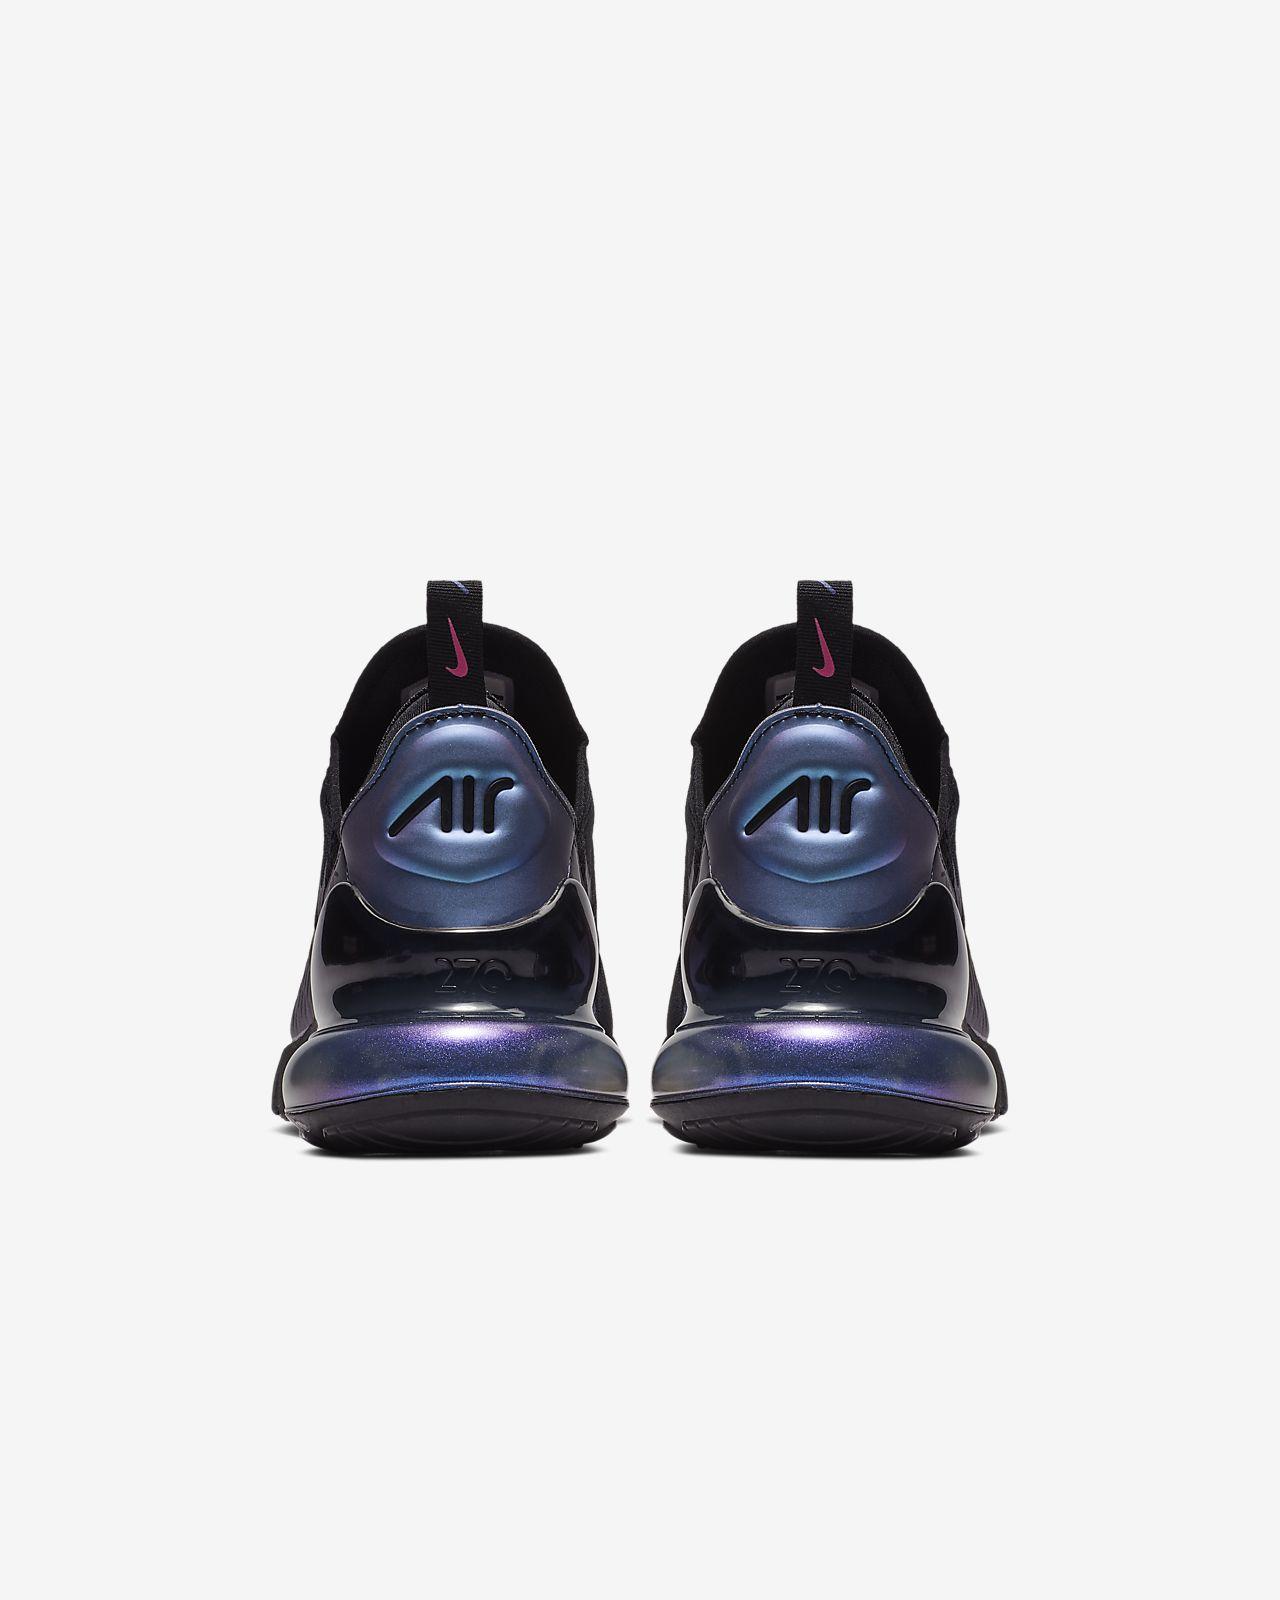 6c1871109aa6 Nike Air Max 270 Men s Shoe. Nike.com GB